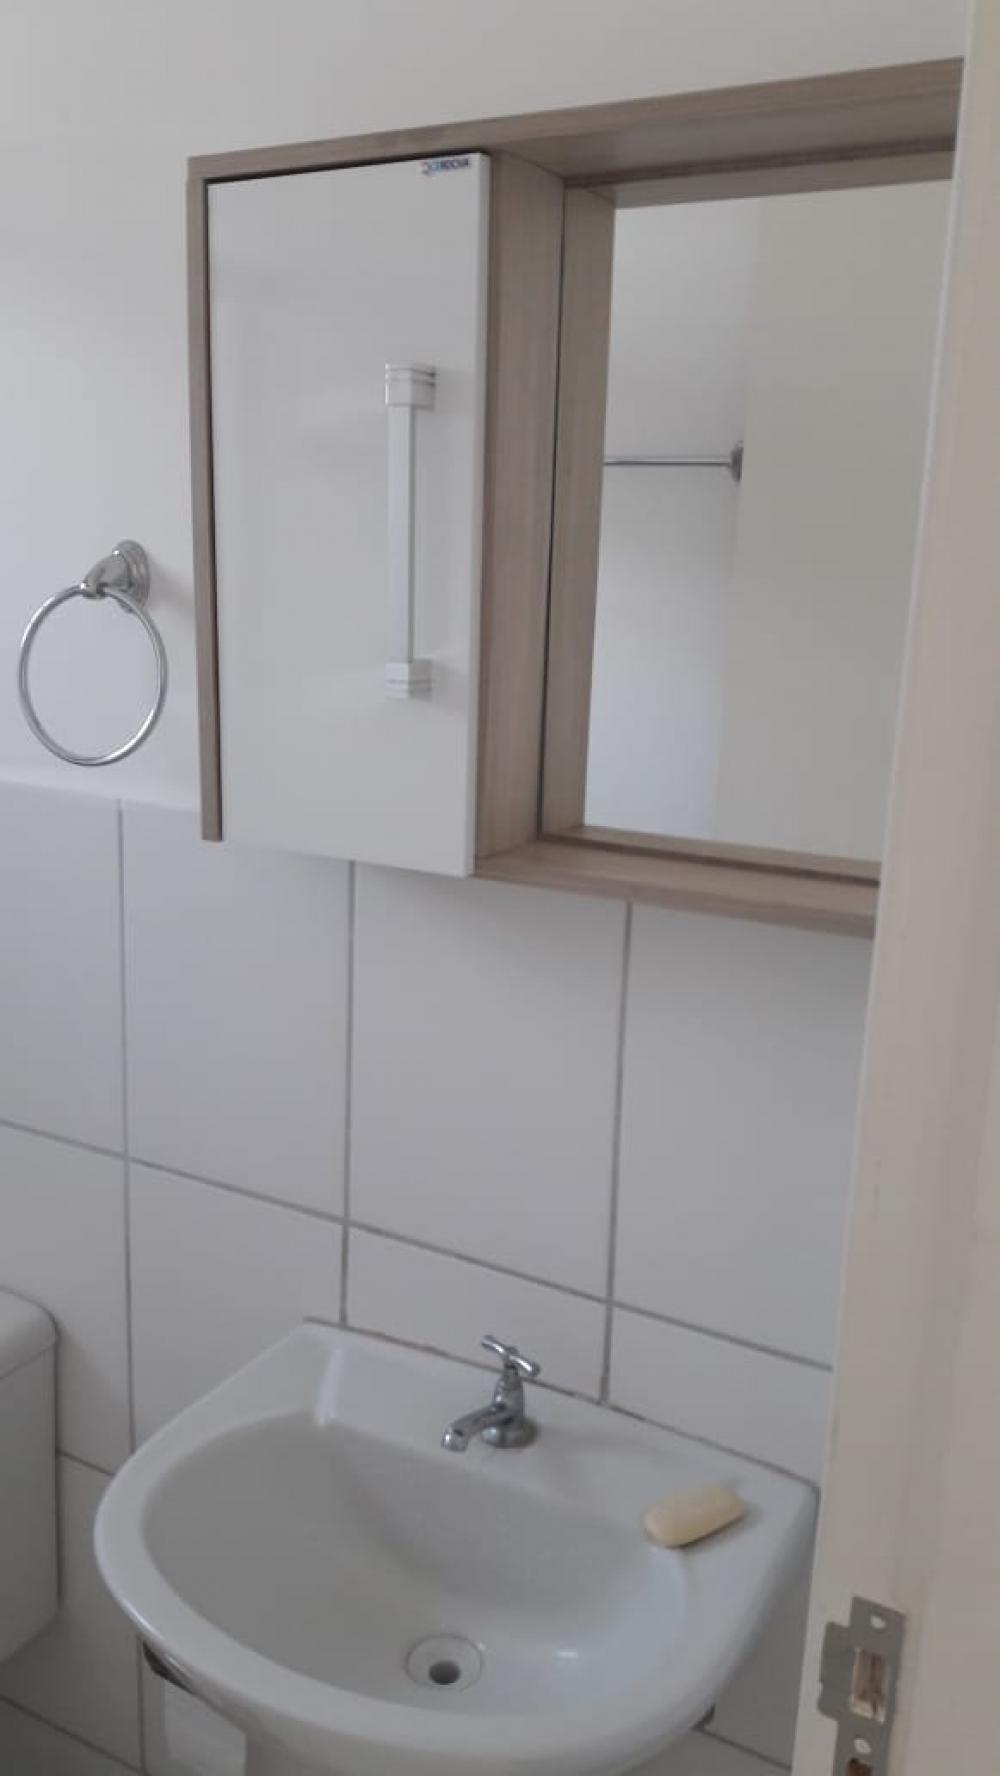 Comprar Apartamento / Padrão em SAO JOSE DO RIO PRETO apenas R$ 160.000,00 - Foto 5